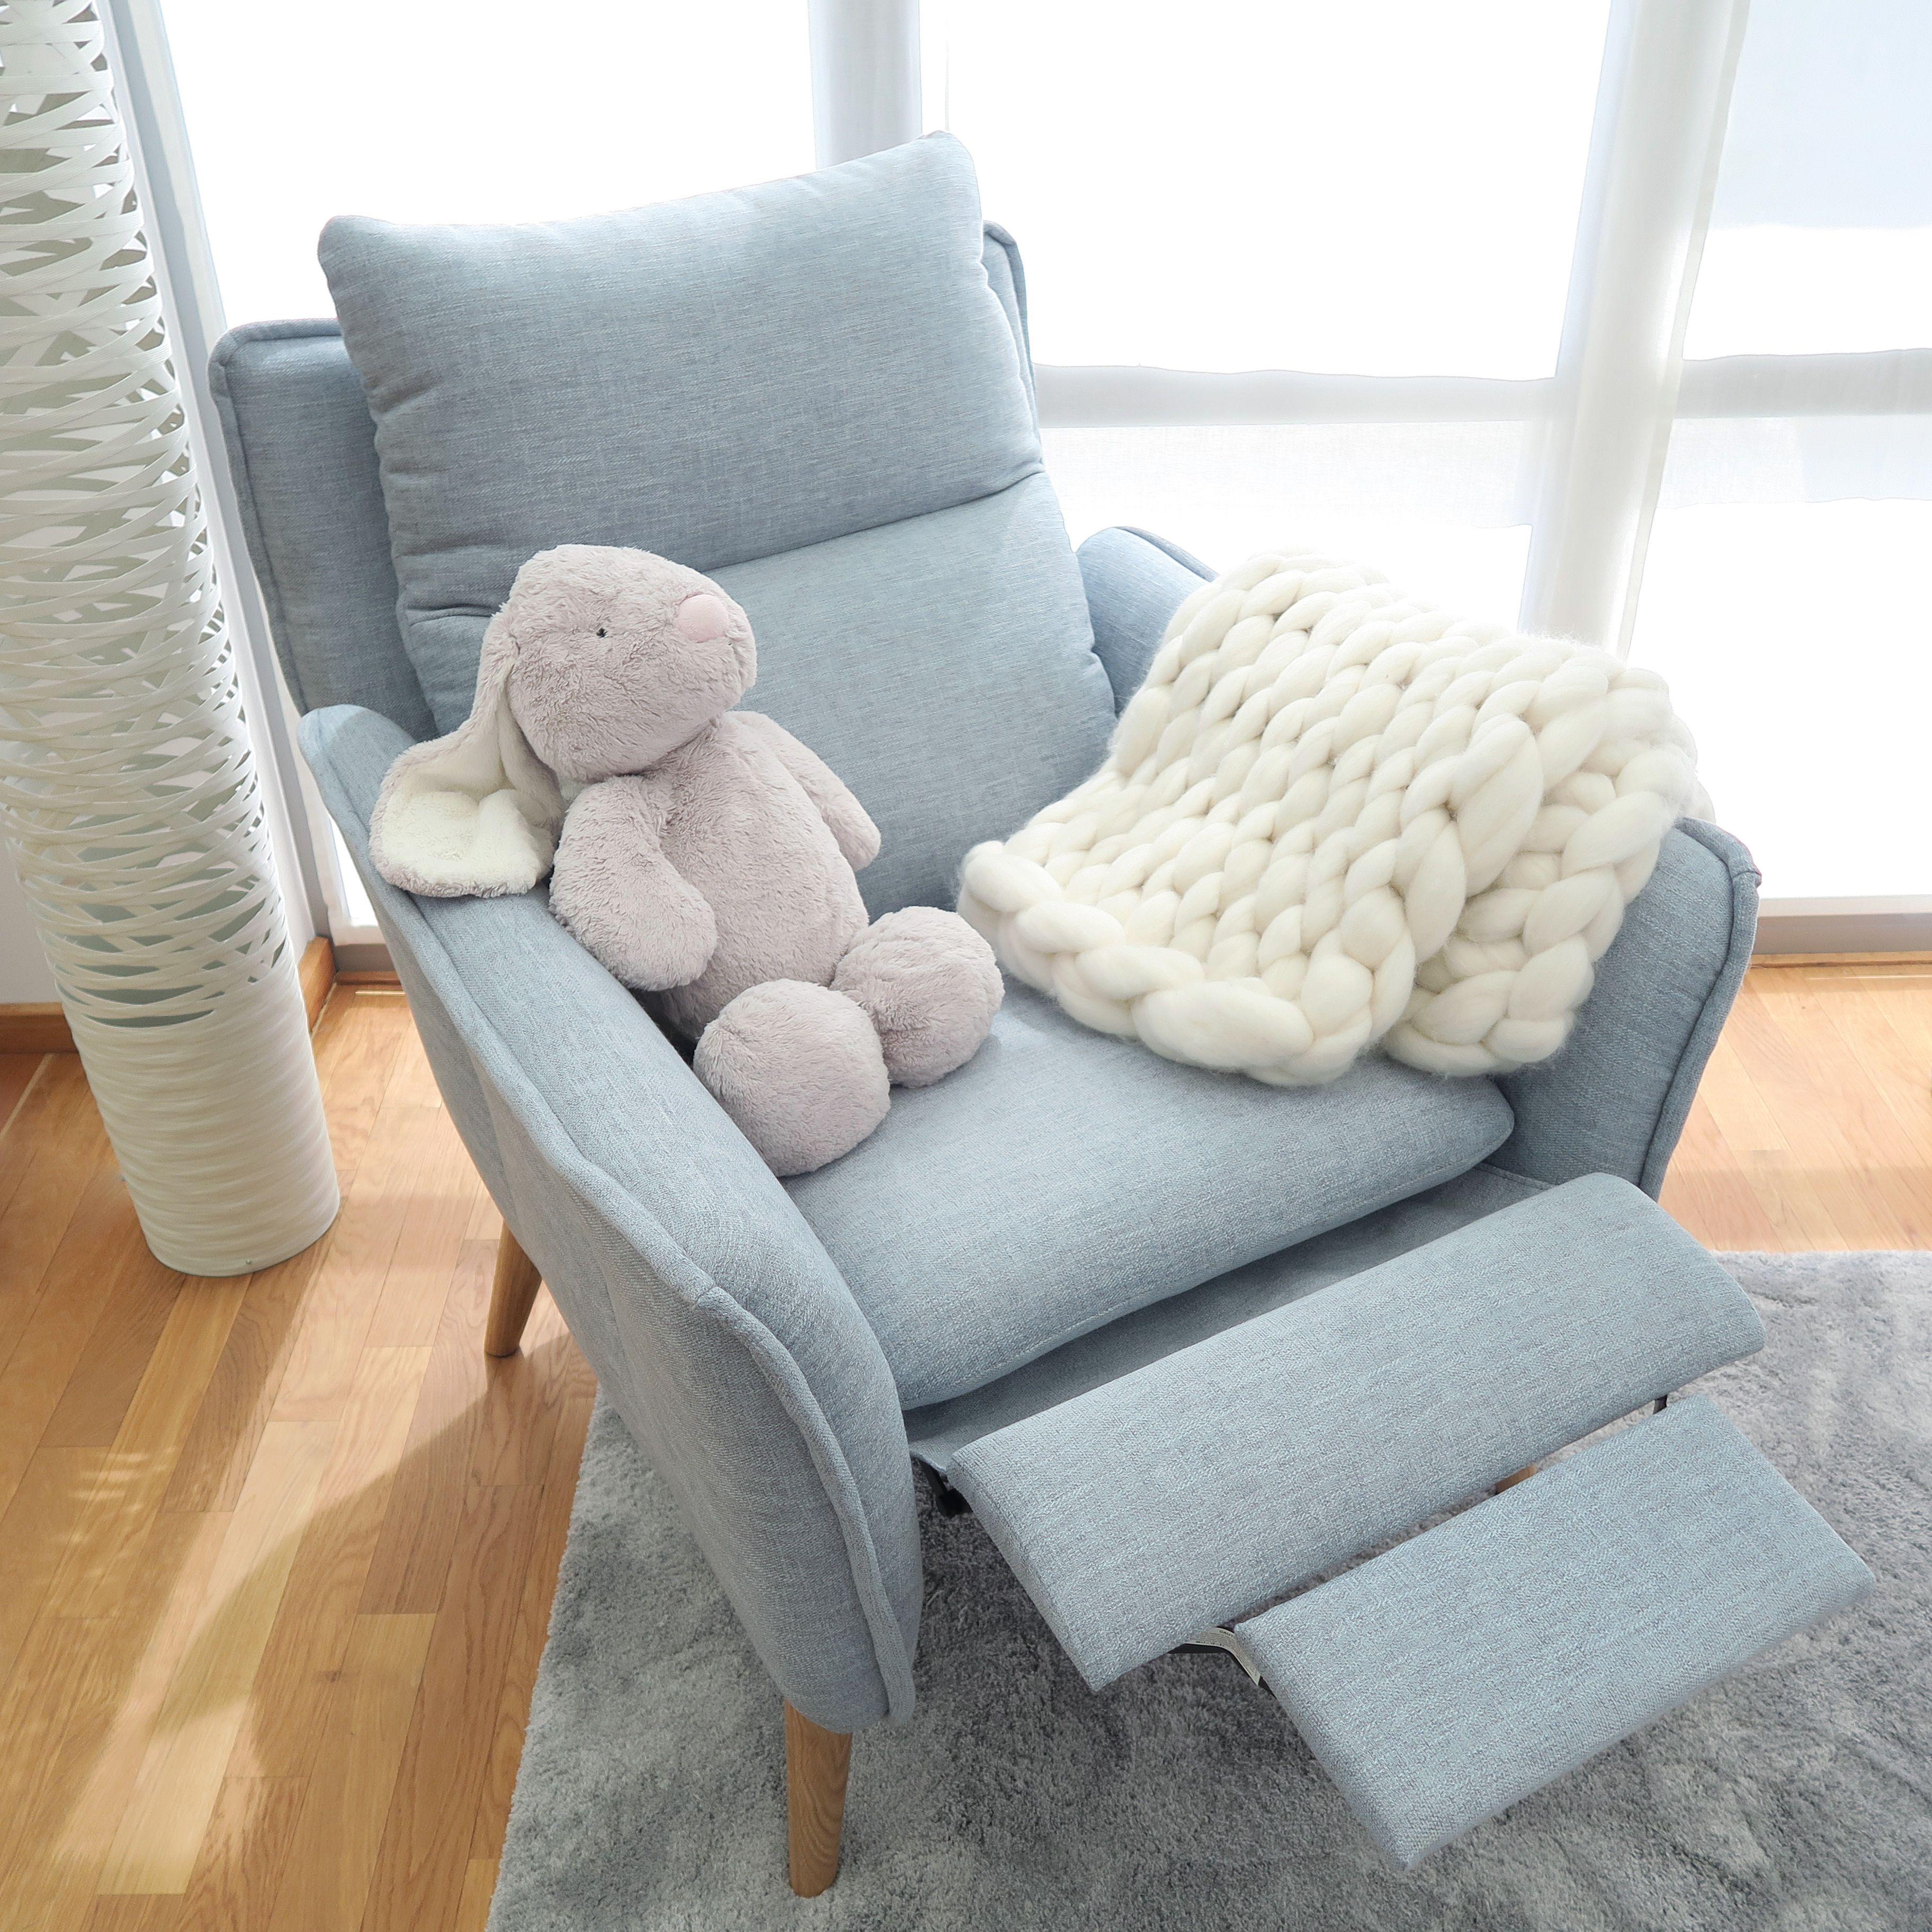 Relaxsessel Mit Liegefunktion Im Skandinavischen Stil Sessel Kinderzimmer Zimmer Relaxsessel